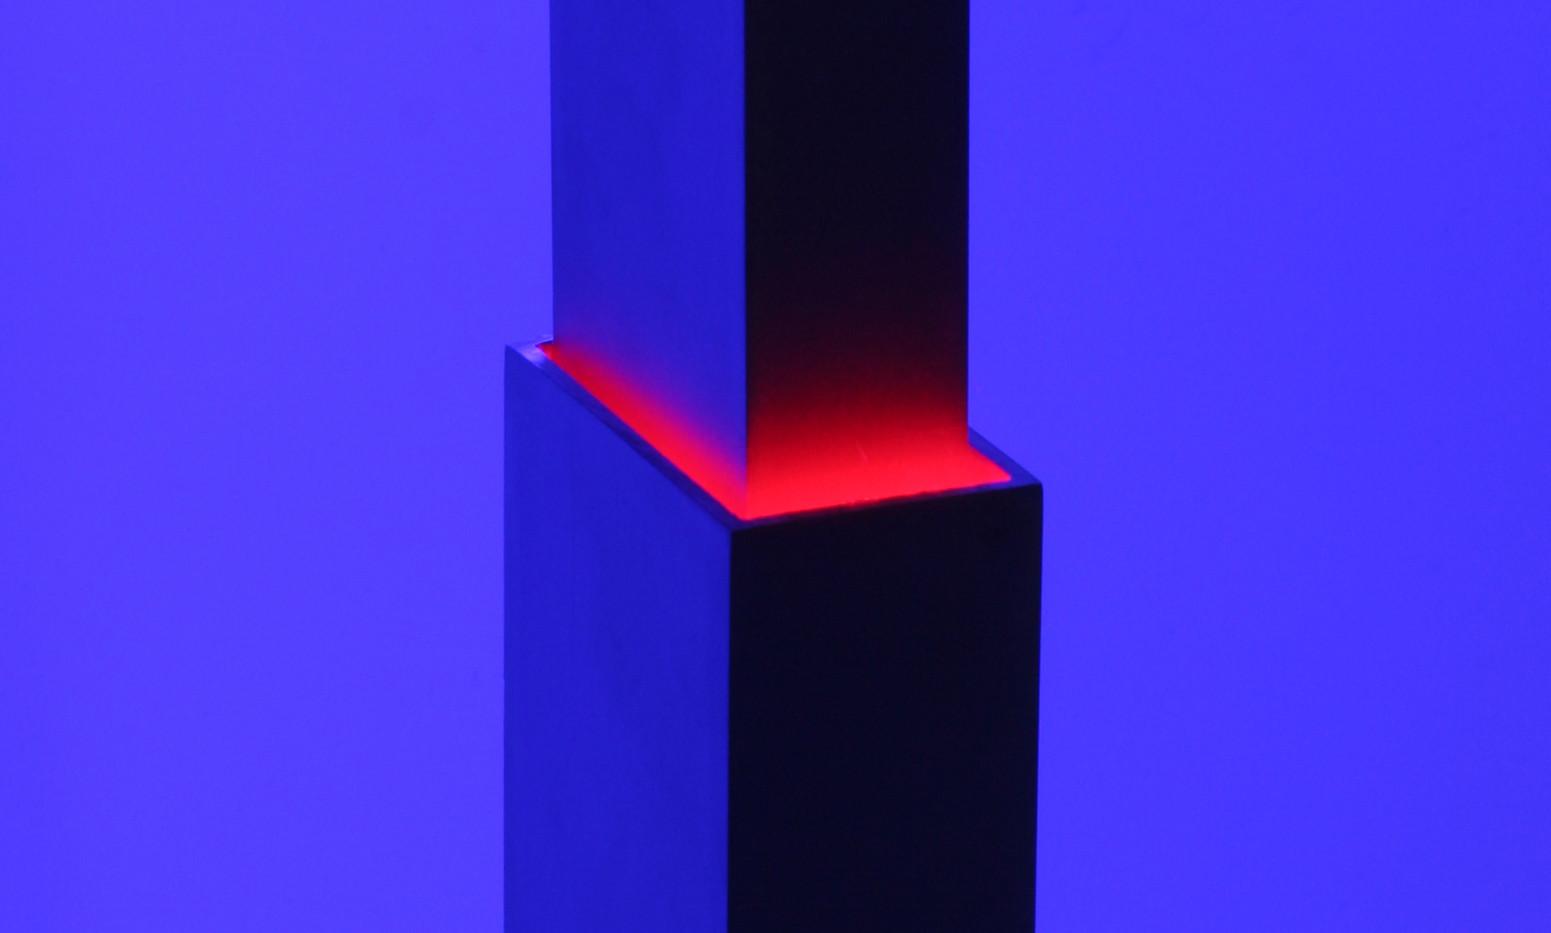 Column Interrupted, 2010